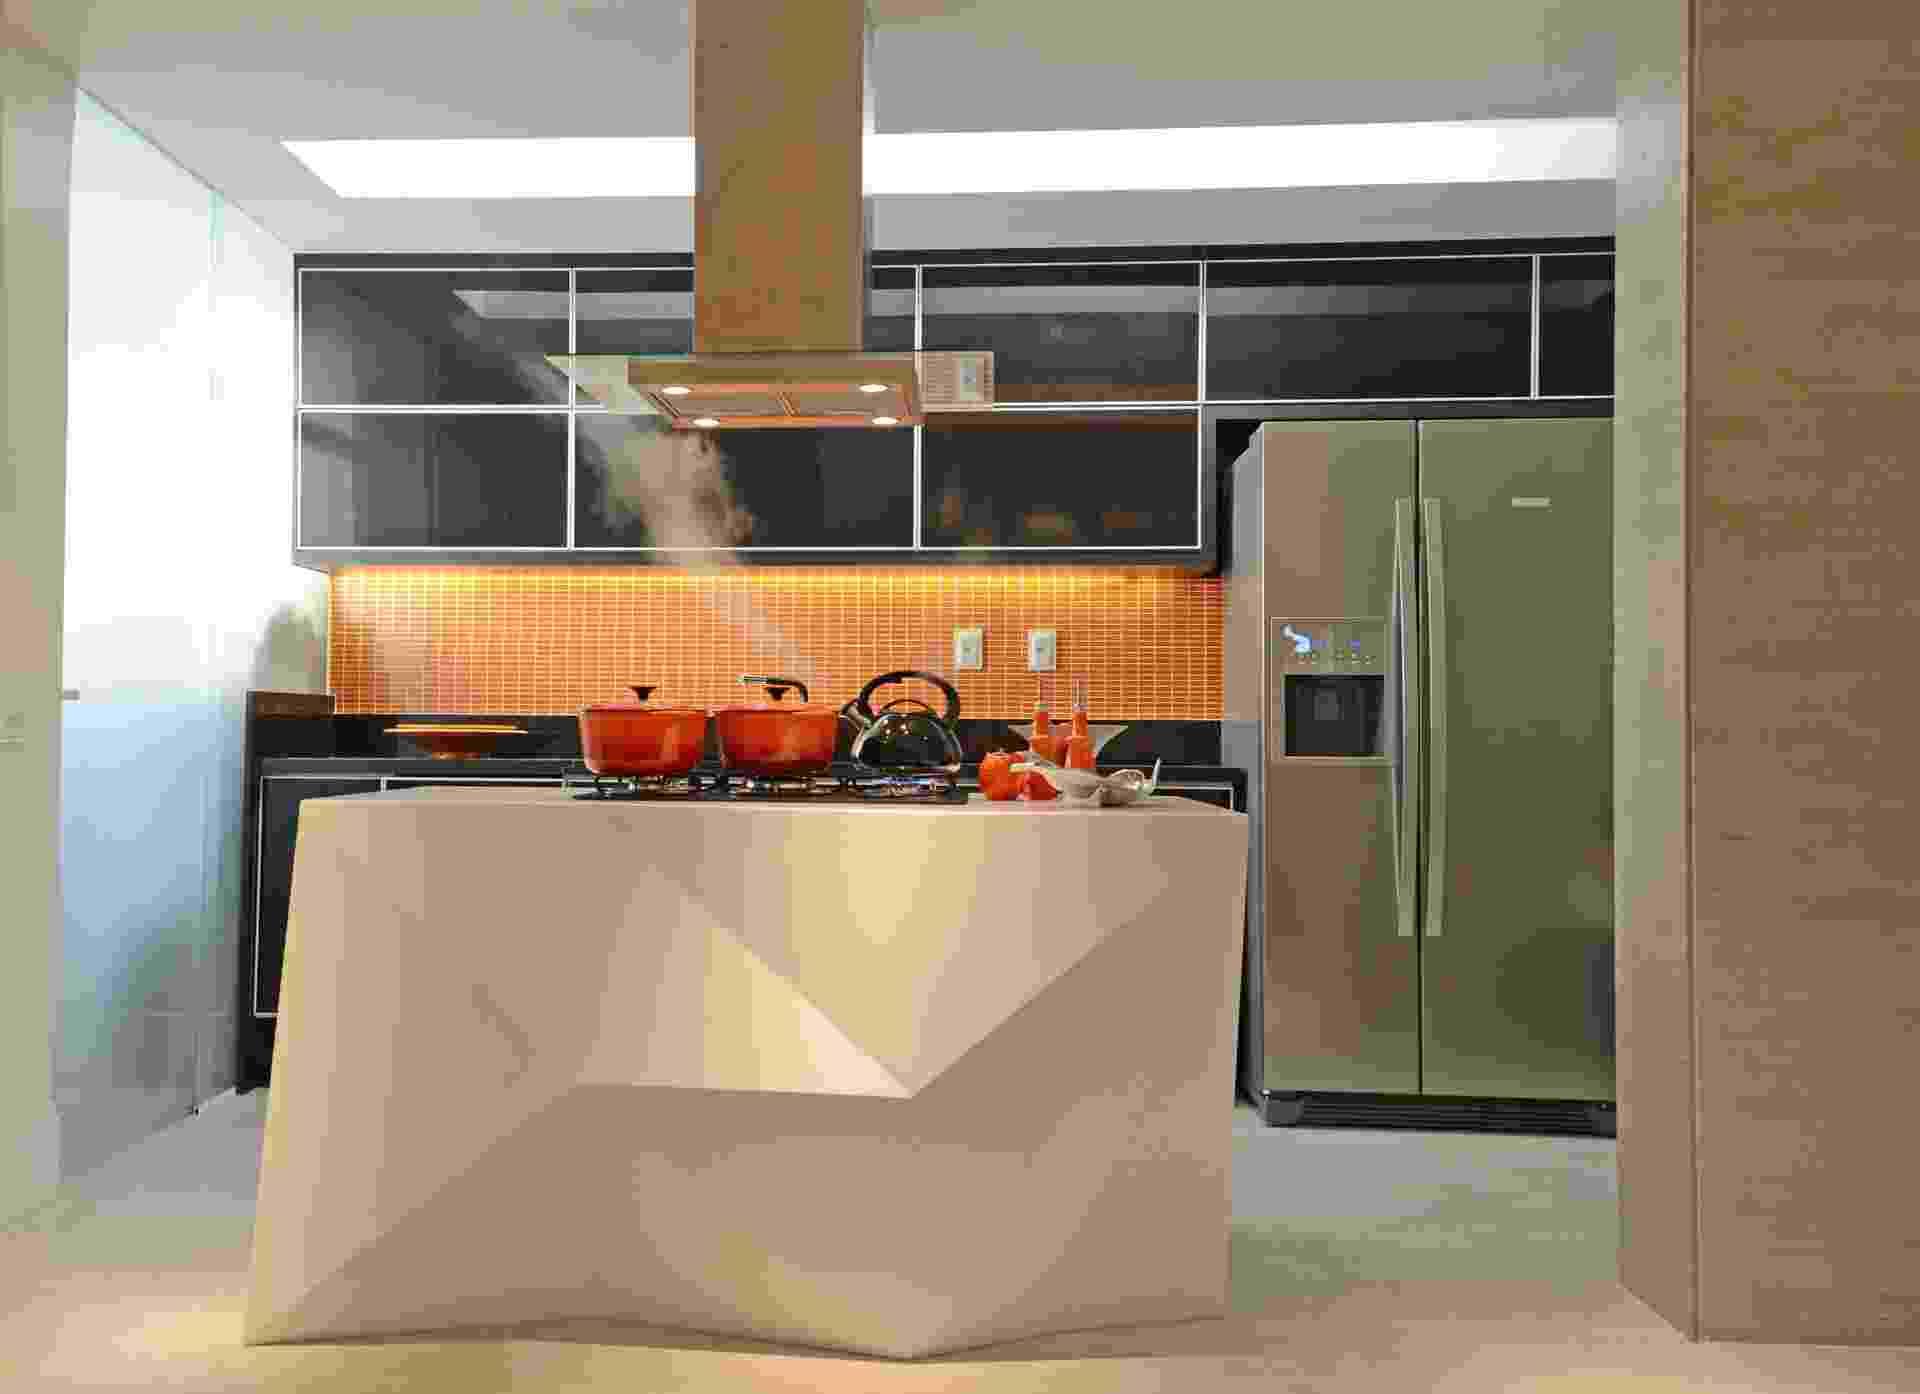 A ilha de cocção, com design do escritório Ravaglia & Philot - que também assina os interiores do apê Icaraí -, foi feita em Corian (Don Artesano) e centraliza a integração entre cozinha e as salas de estar e jantar. As paredes da cozinha receberam porcelanato (30 cm x 60 cm) e pastilhas (2 cm x 2 cm) da Portobello. Um rasgo no rebaixo de gesso (ao fundo) garante luminosidade uniforme e indireta, enquanto fitas de LEDs foram inseridas na marcenaria preta para destacar a cor das patilhas - Cinthia Serrano/ Divulgação